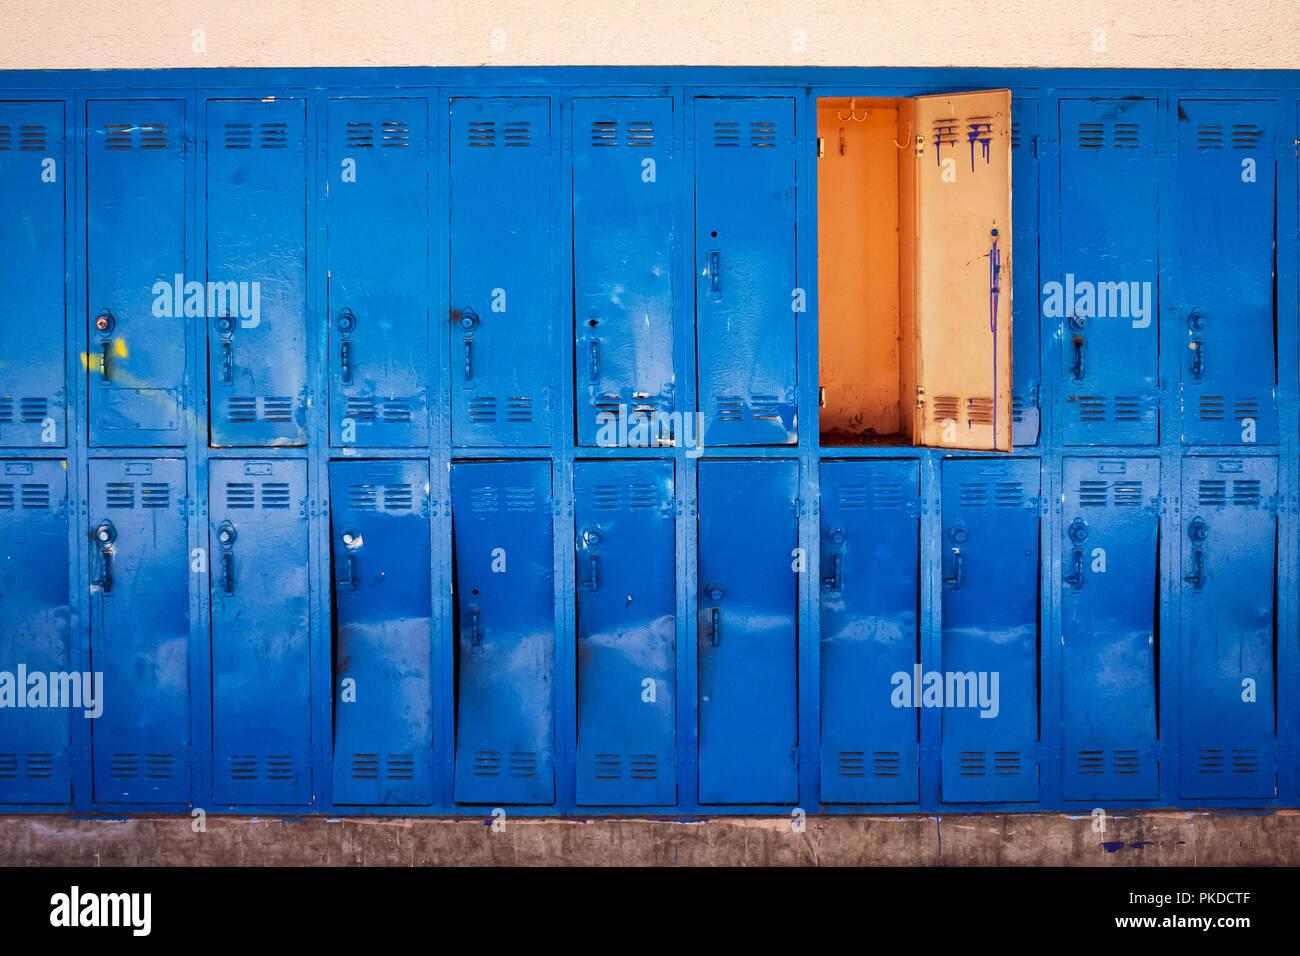 Old Blue Lockers With Door Open